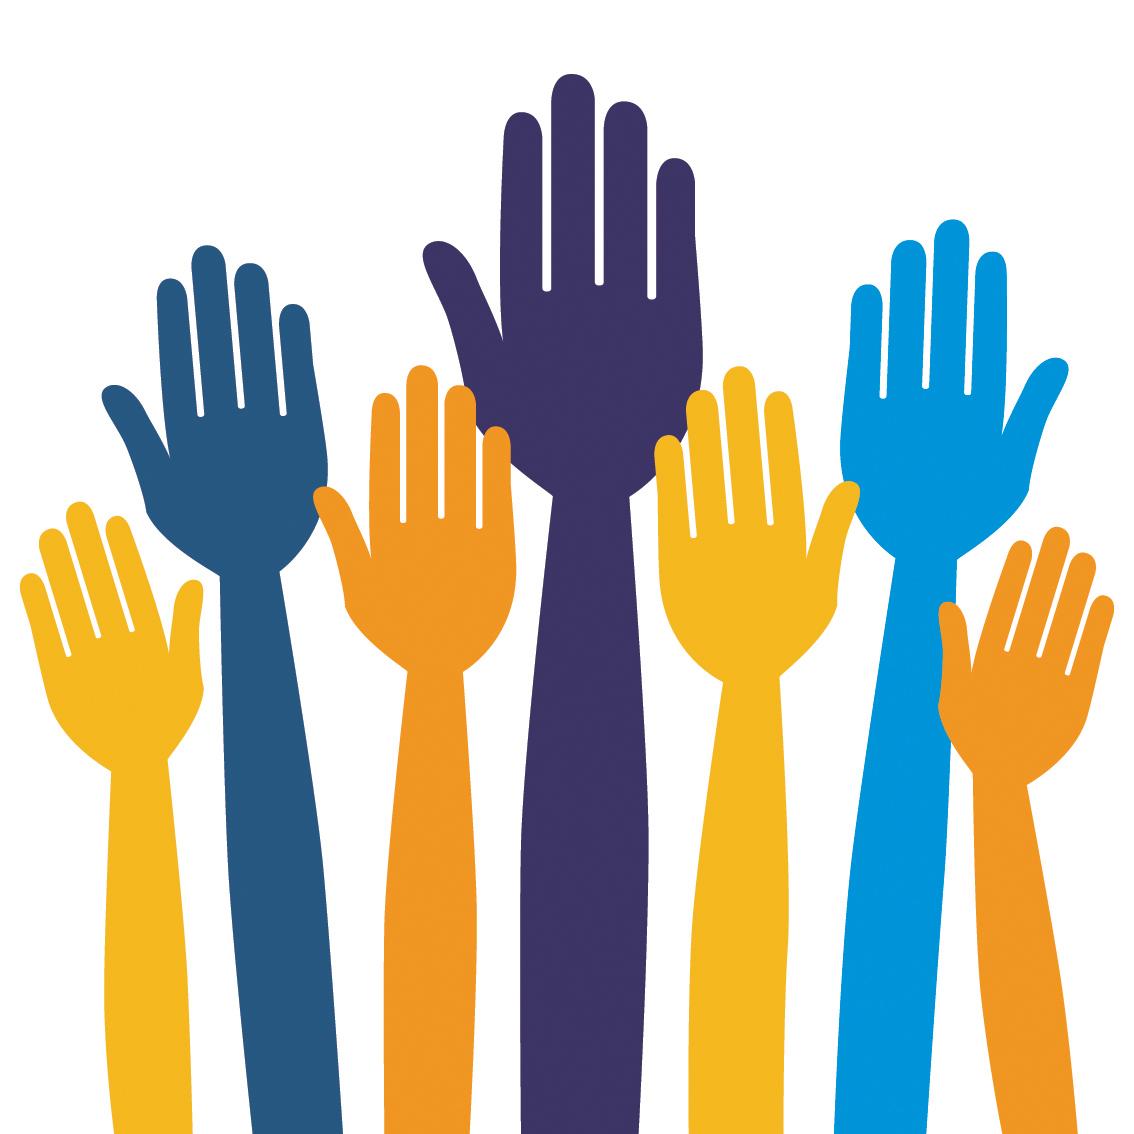 Volunteer-Hands-Large.jpg